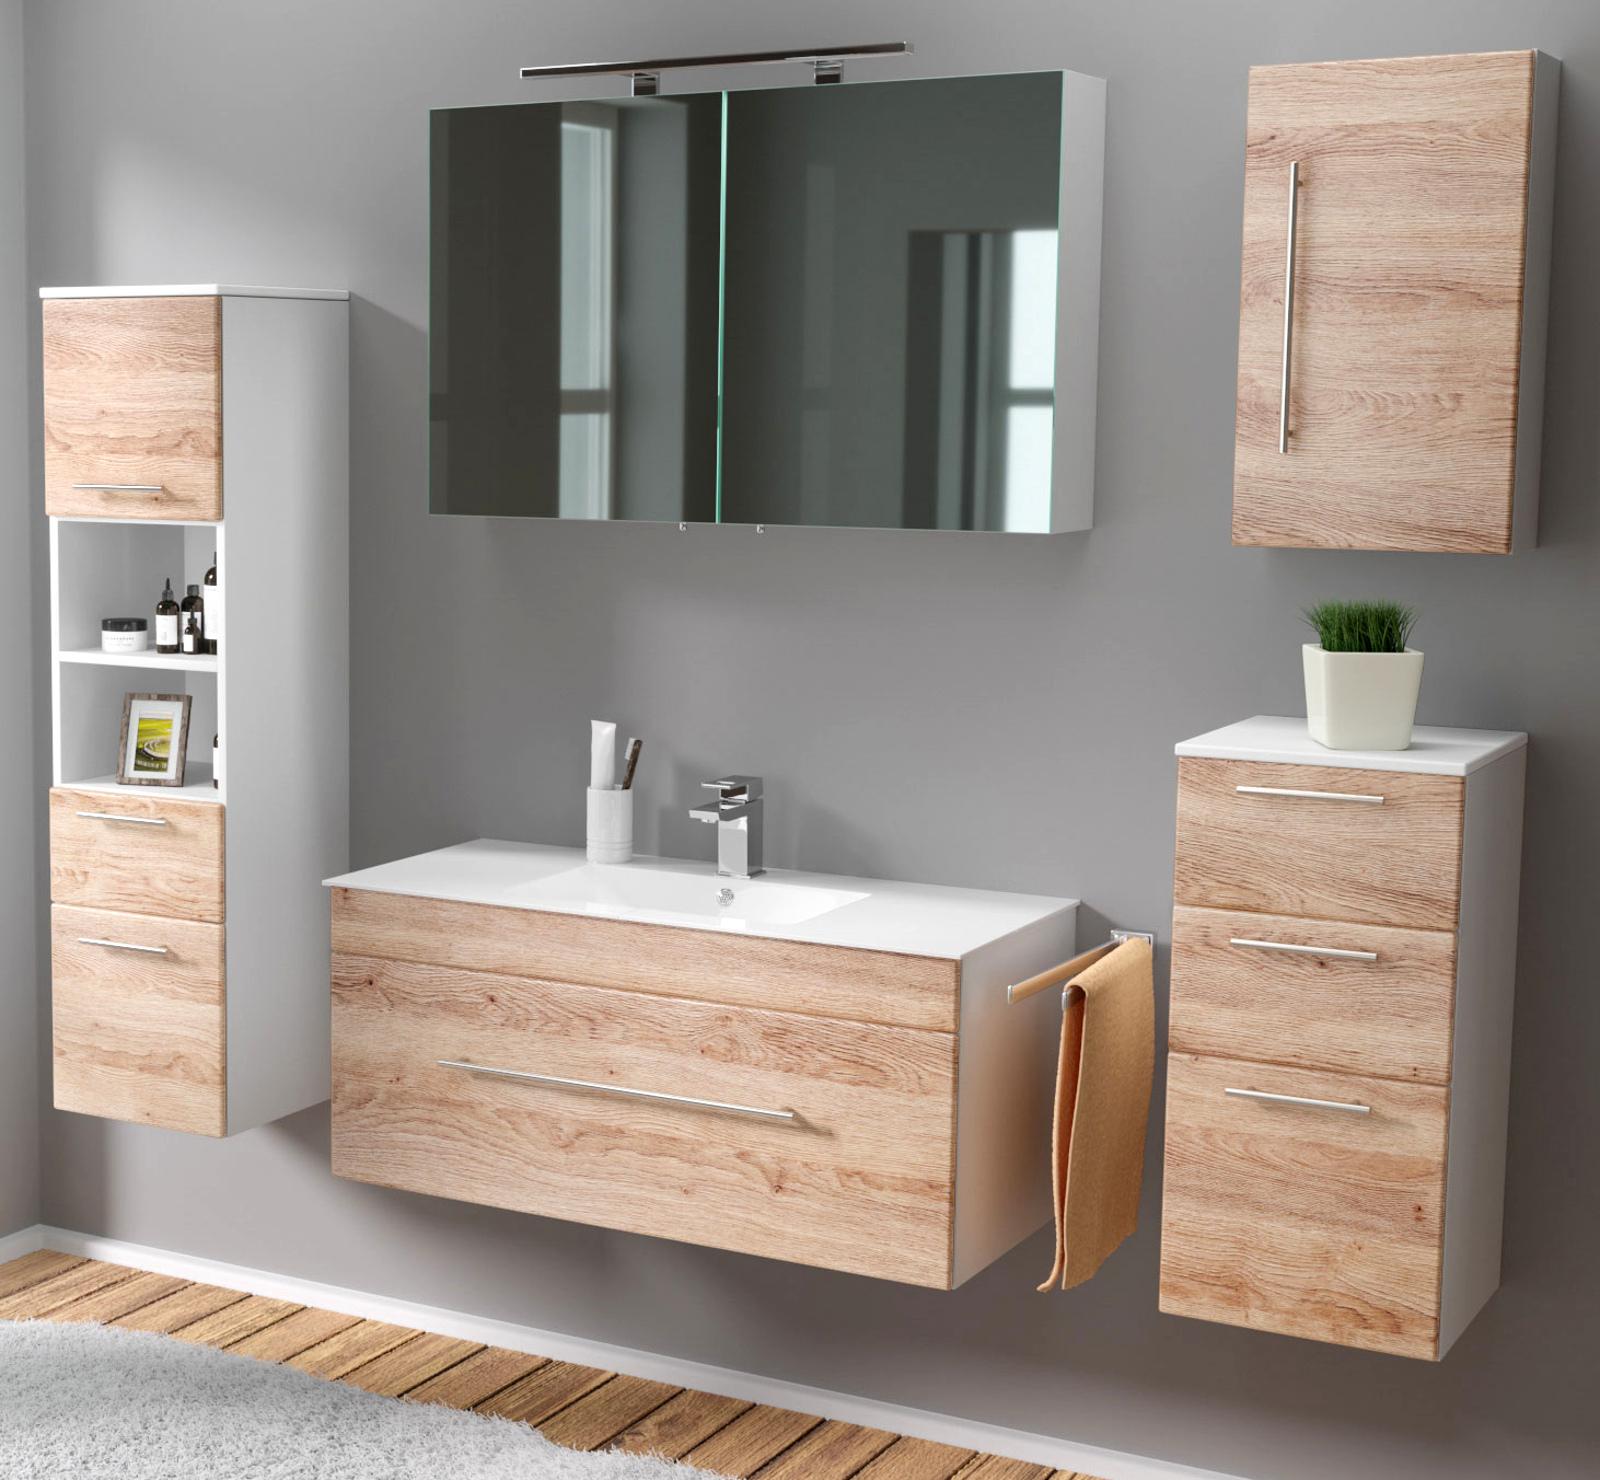 couchtisch wohnzimmertisch hochglanz wei echt lackiert. Black Bedroom Furniture Sets. Home Design Ideas